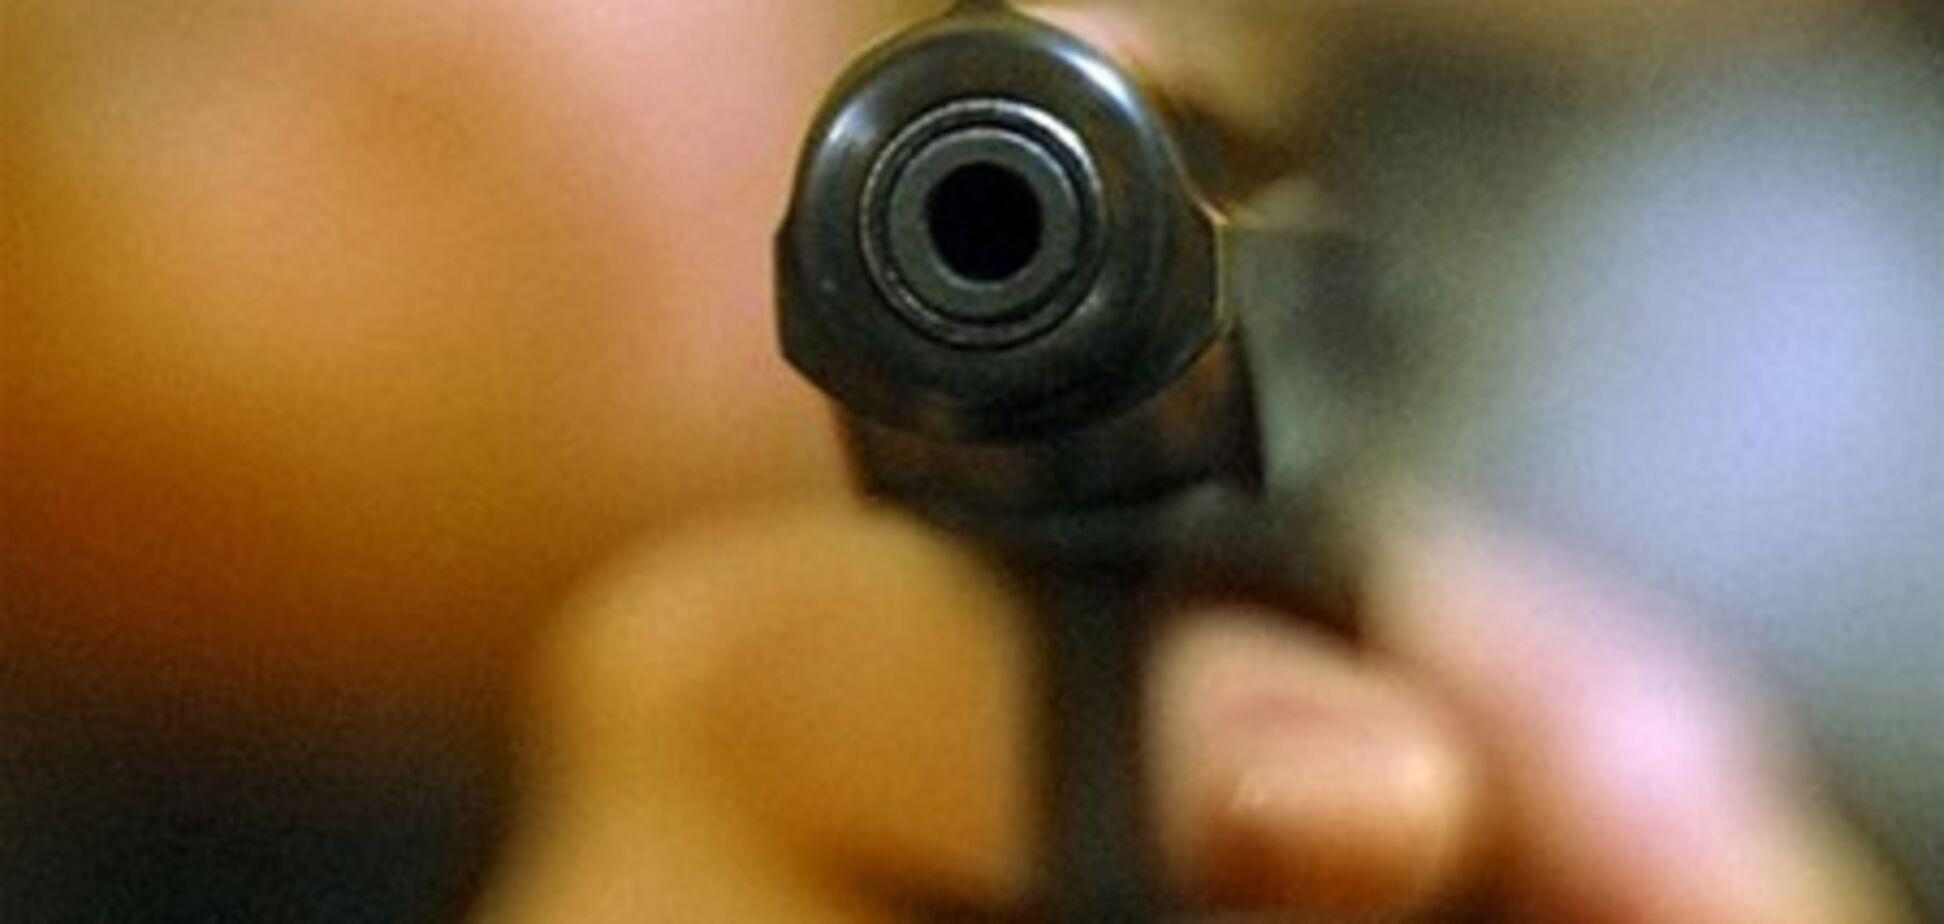 Польский прокурор выстрелил себе в голову в знак протеста